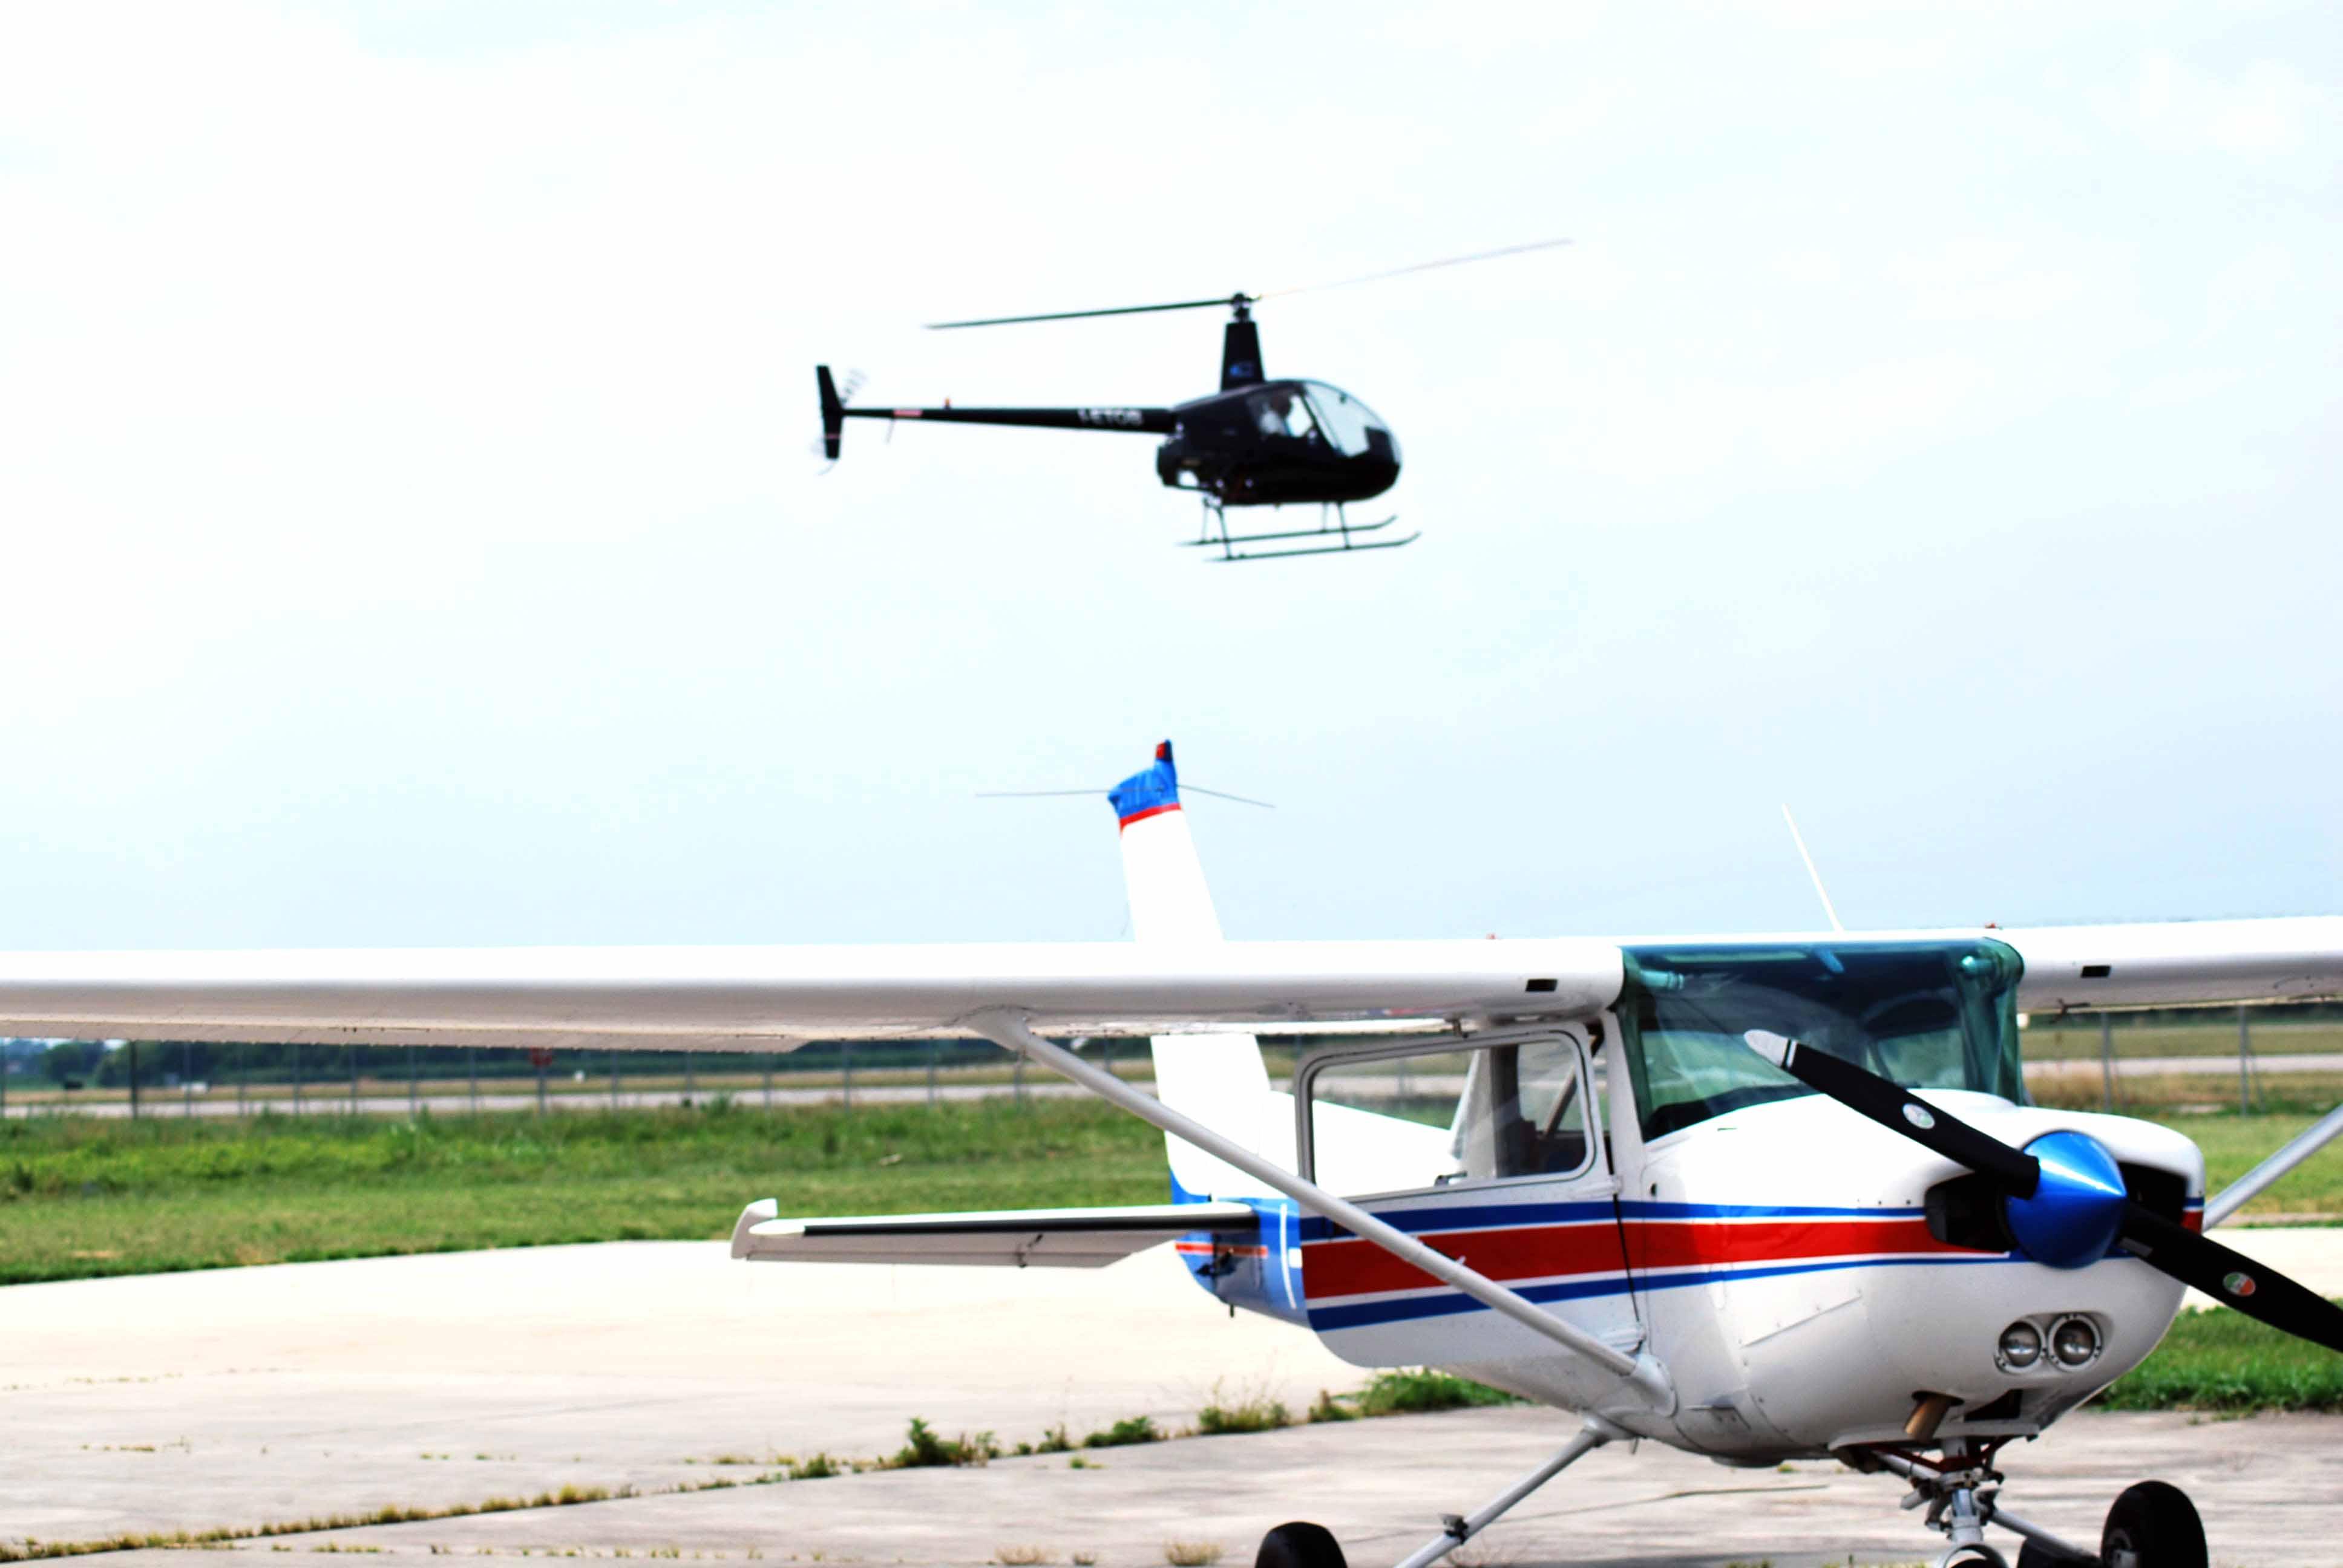 Elicottero E Aereo : Brevetti elicottero e scuola di pilotaggio elifriulia